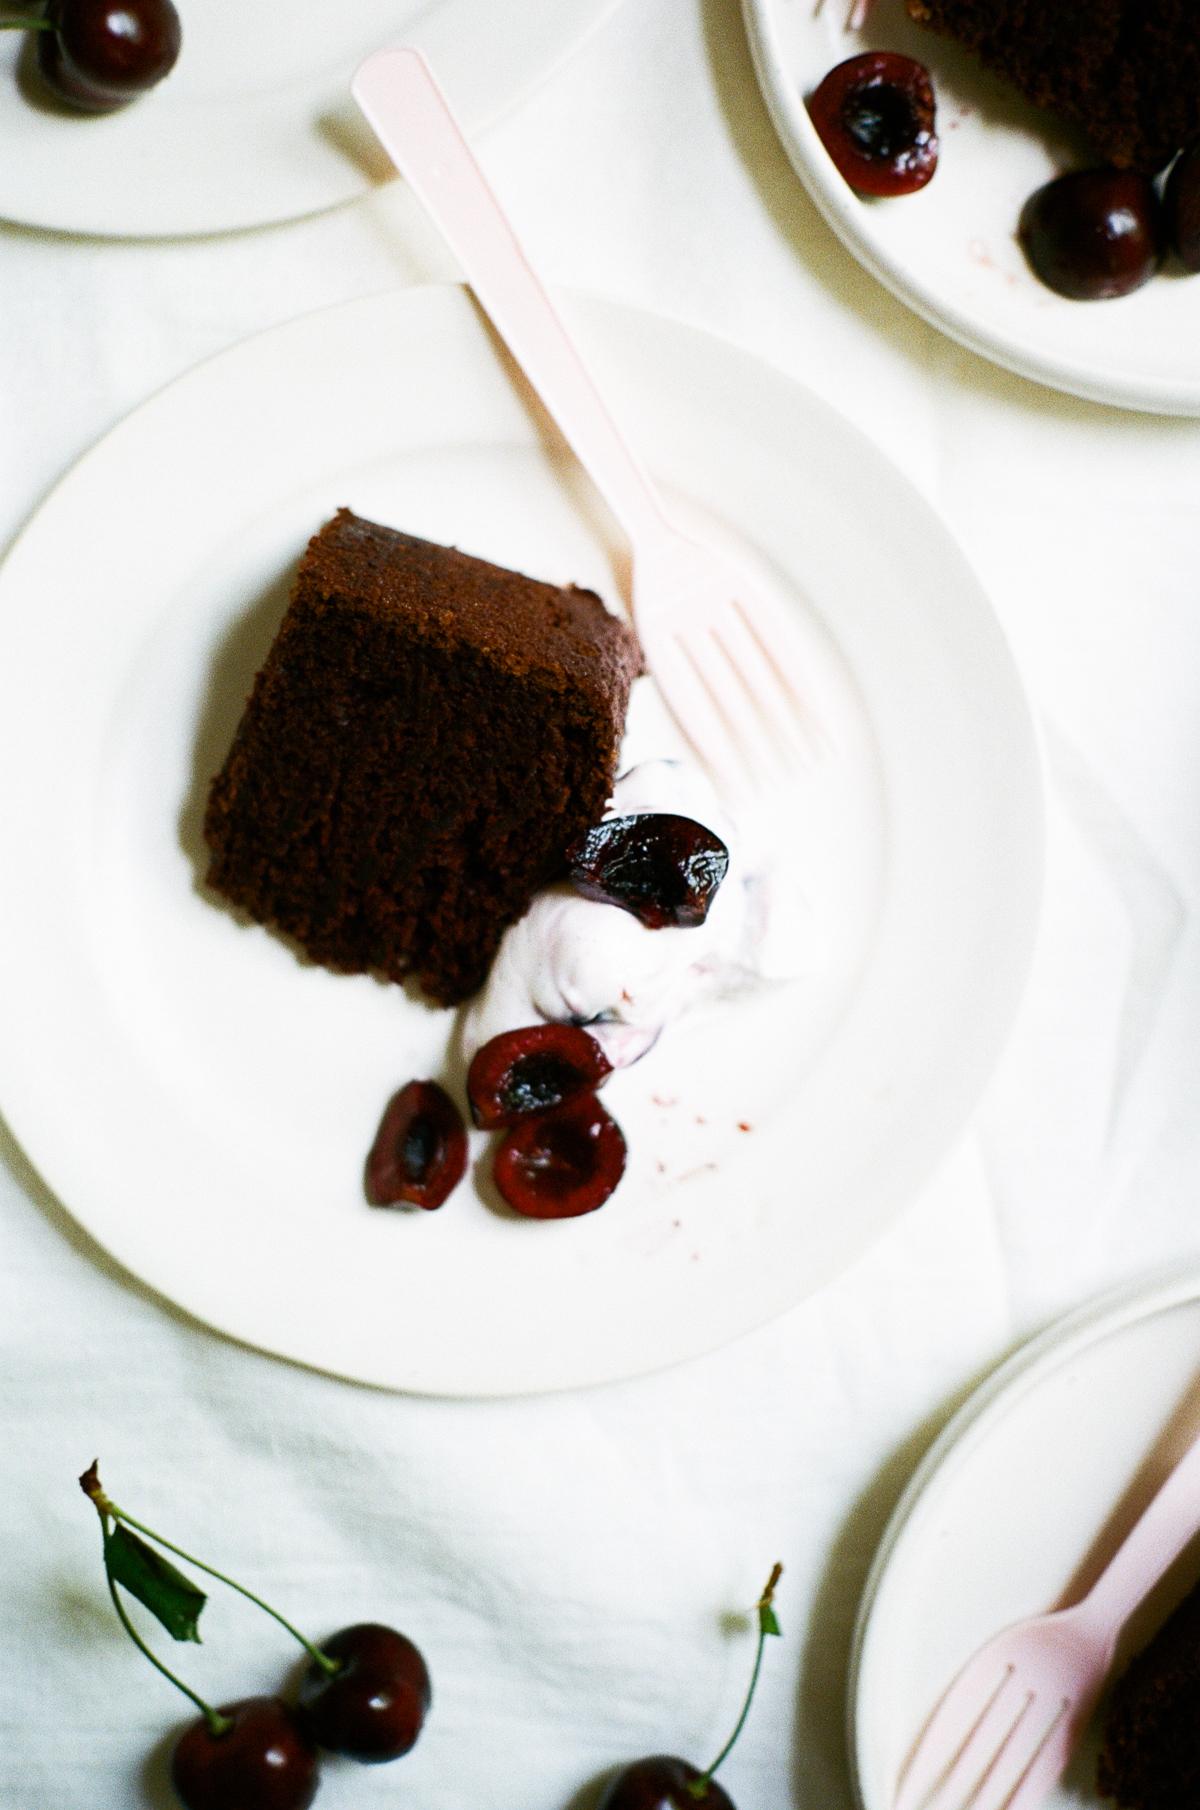 gluten free chocolate bundt cake with cherries-96680025.jpg